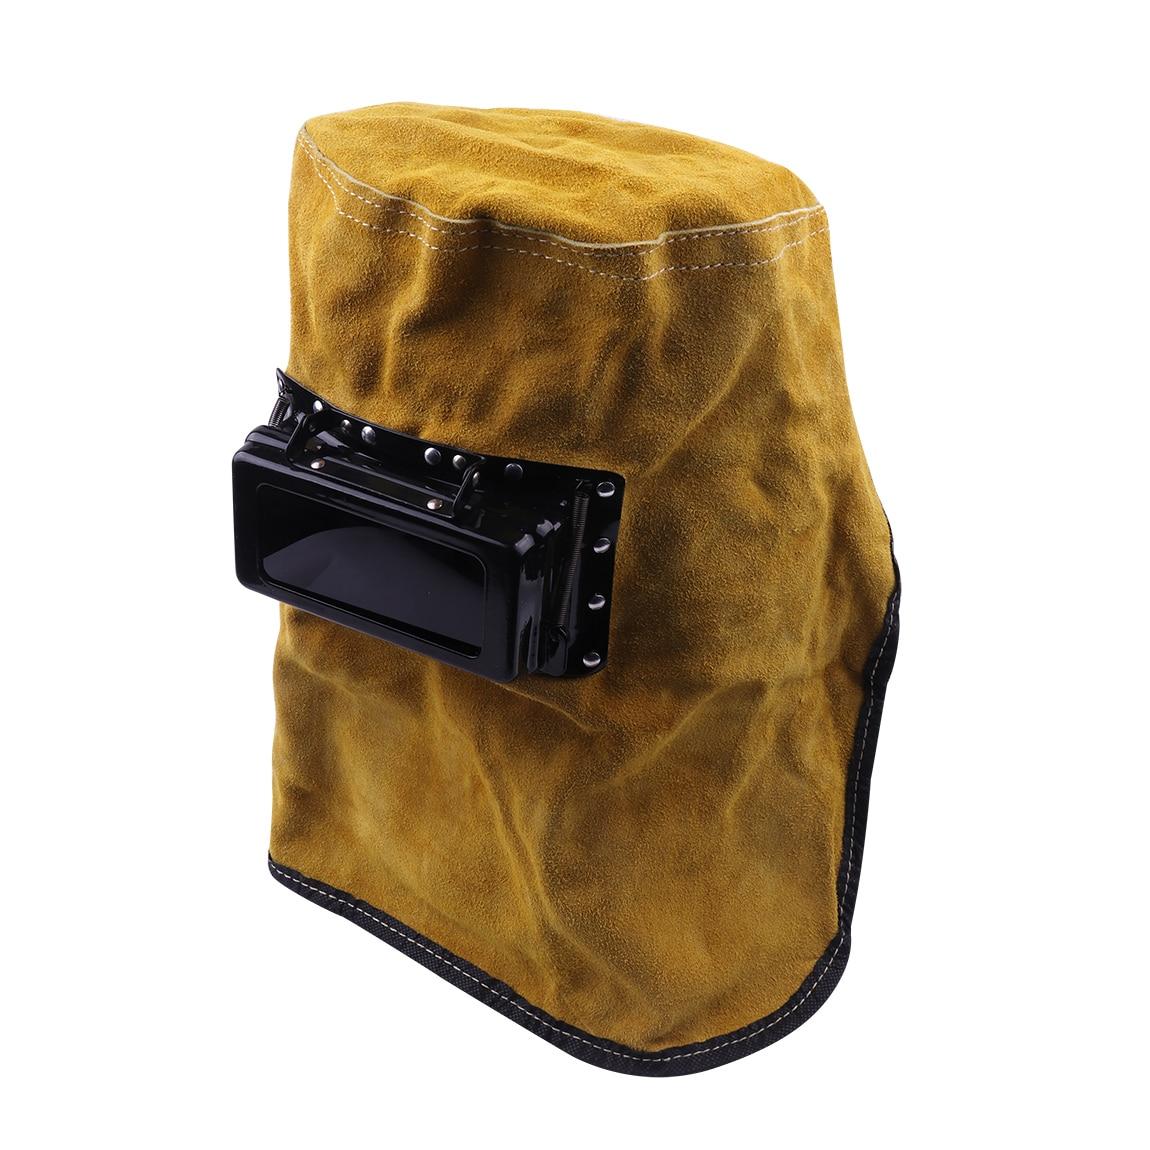 New Welding Mask Head mounted Comfort Leather Welding ...